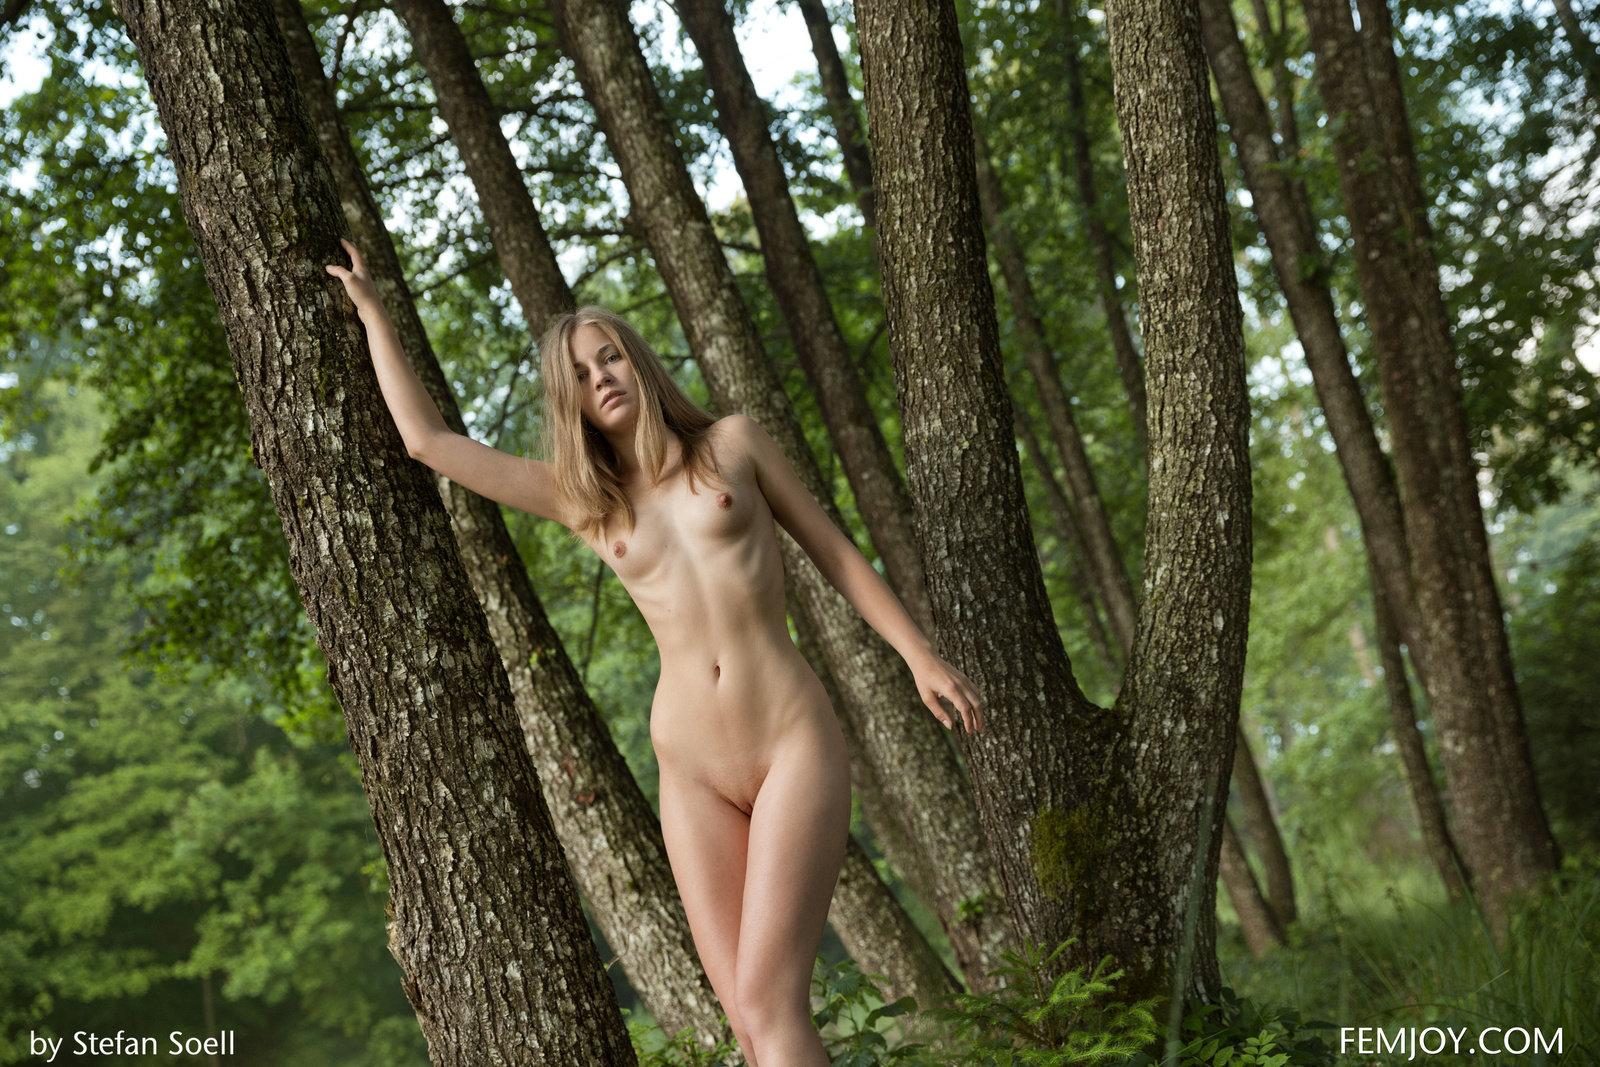 Zdjęcie porno - 1013 - Zgrane pośladki